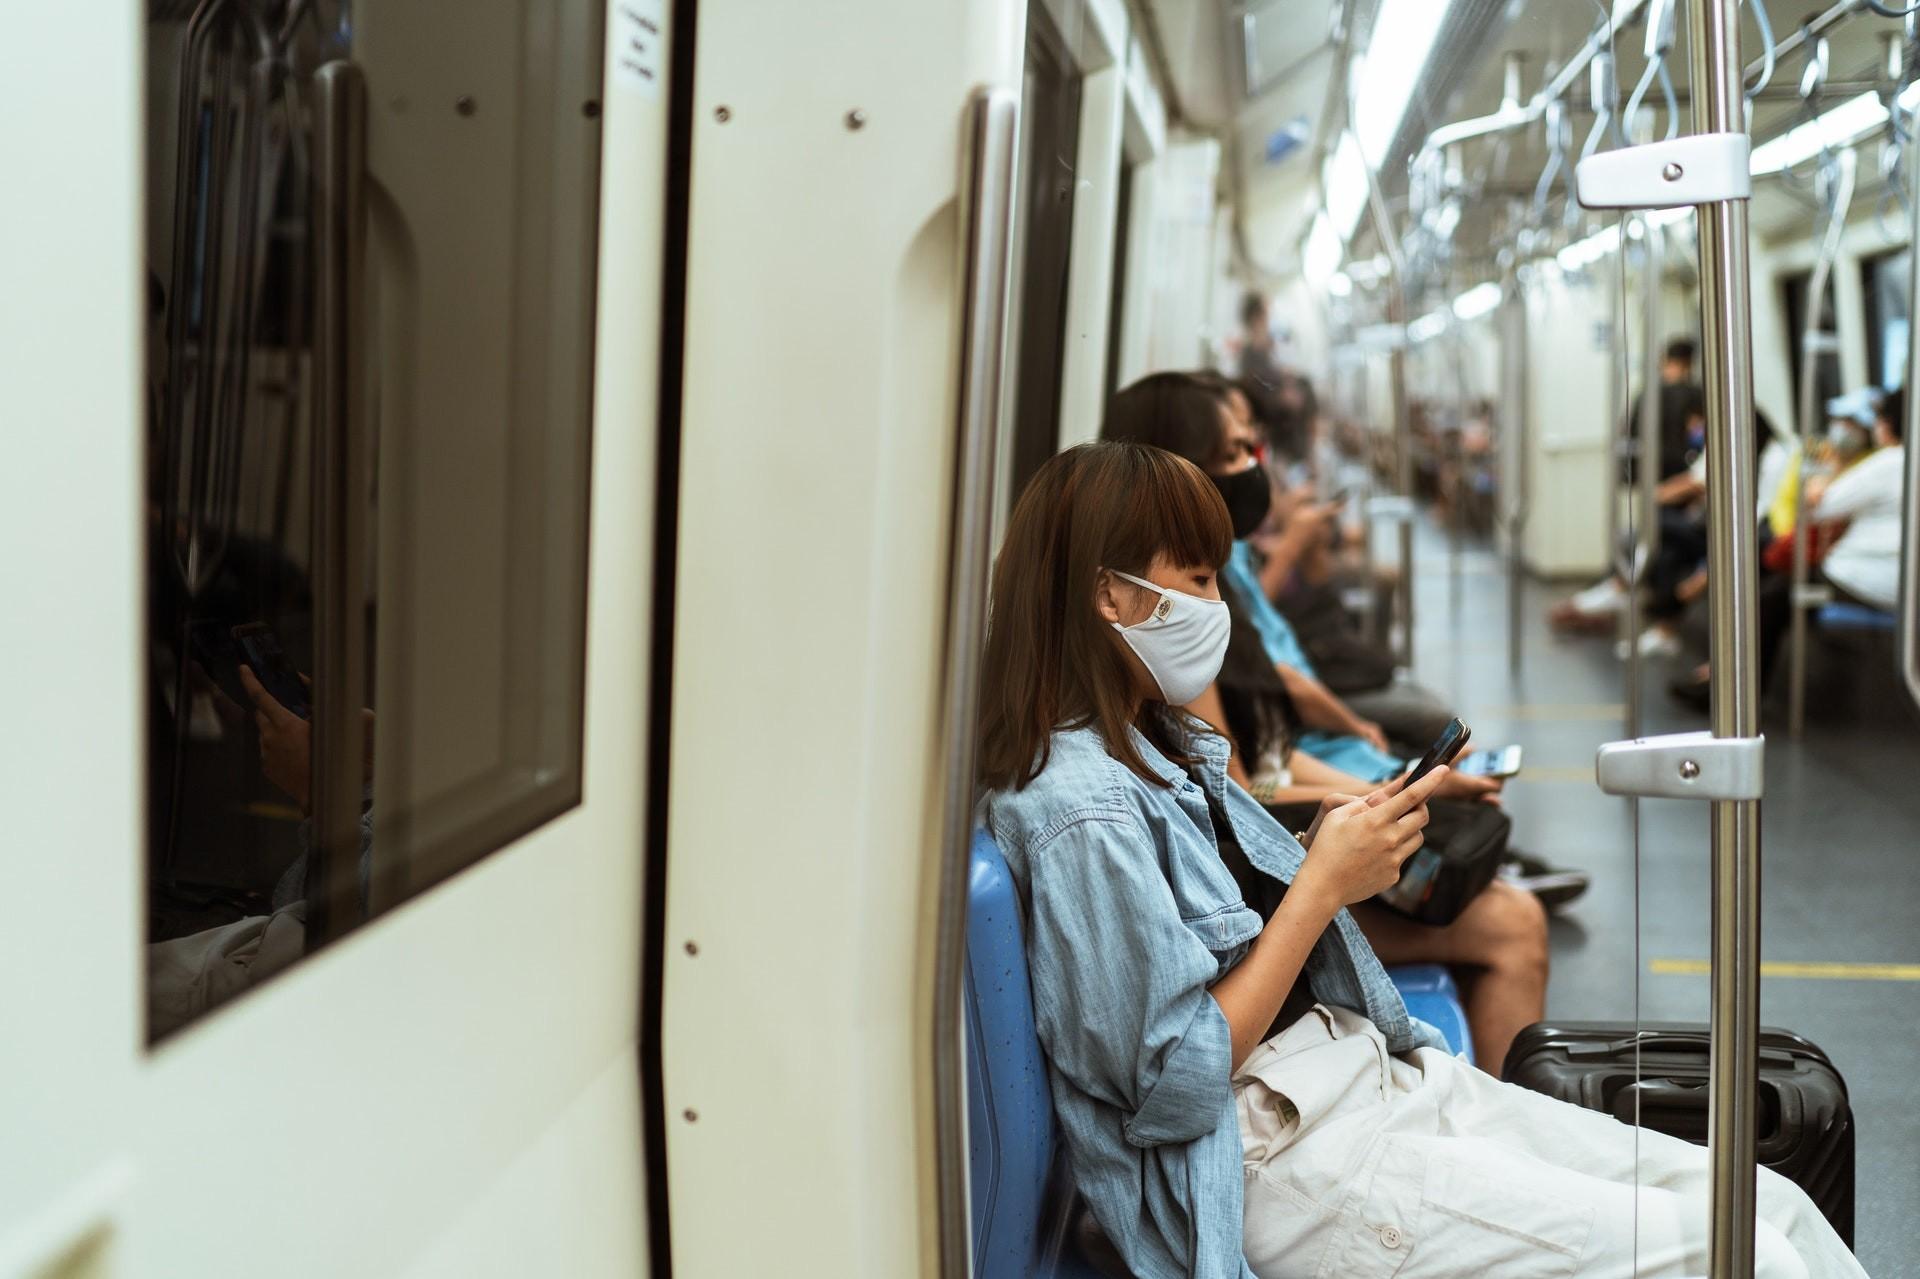 gente en el metro con mascarillas